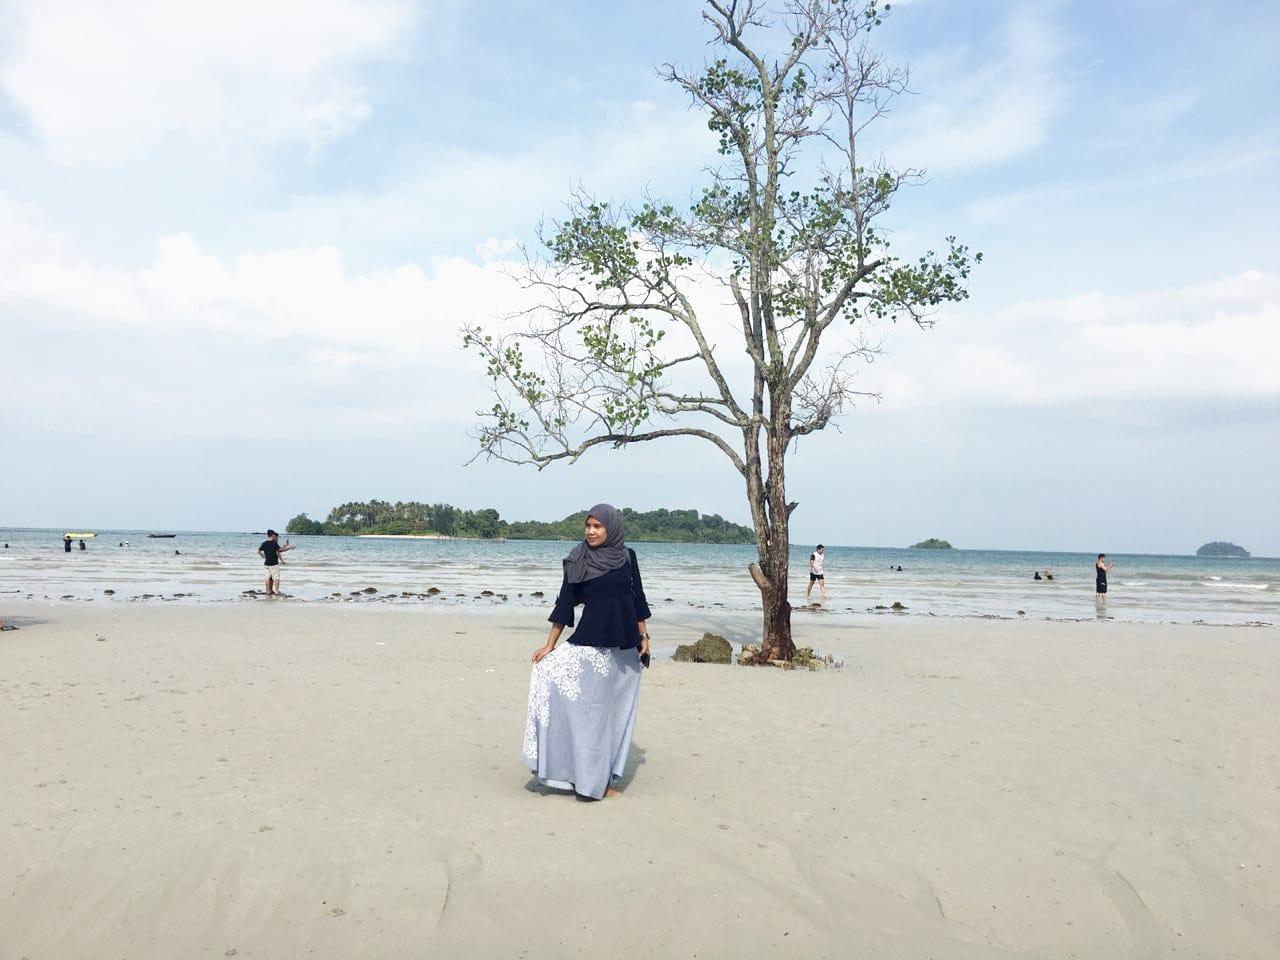 Menikmati Keindahan Laut dari Pinggir Pantai Elyora Barelang Batam